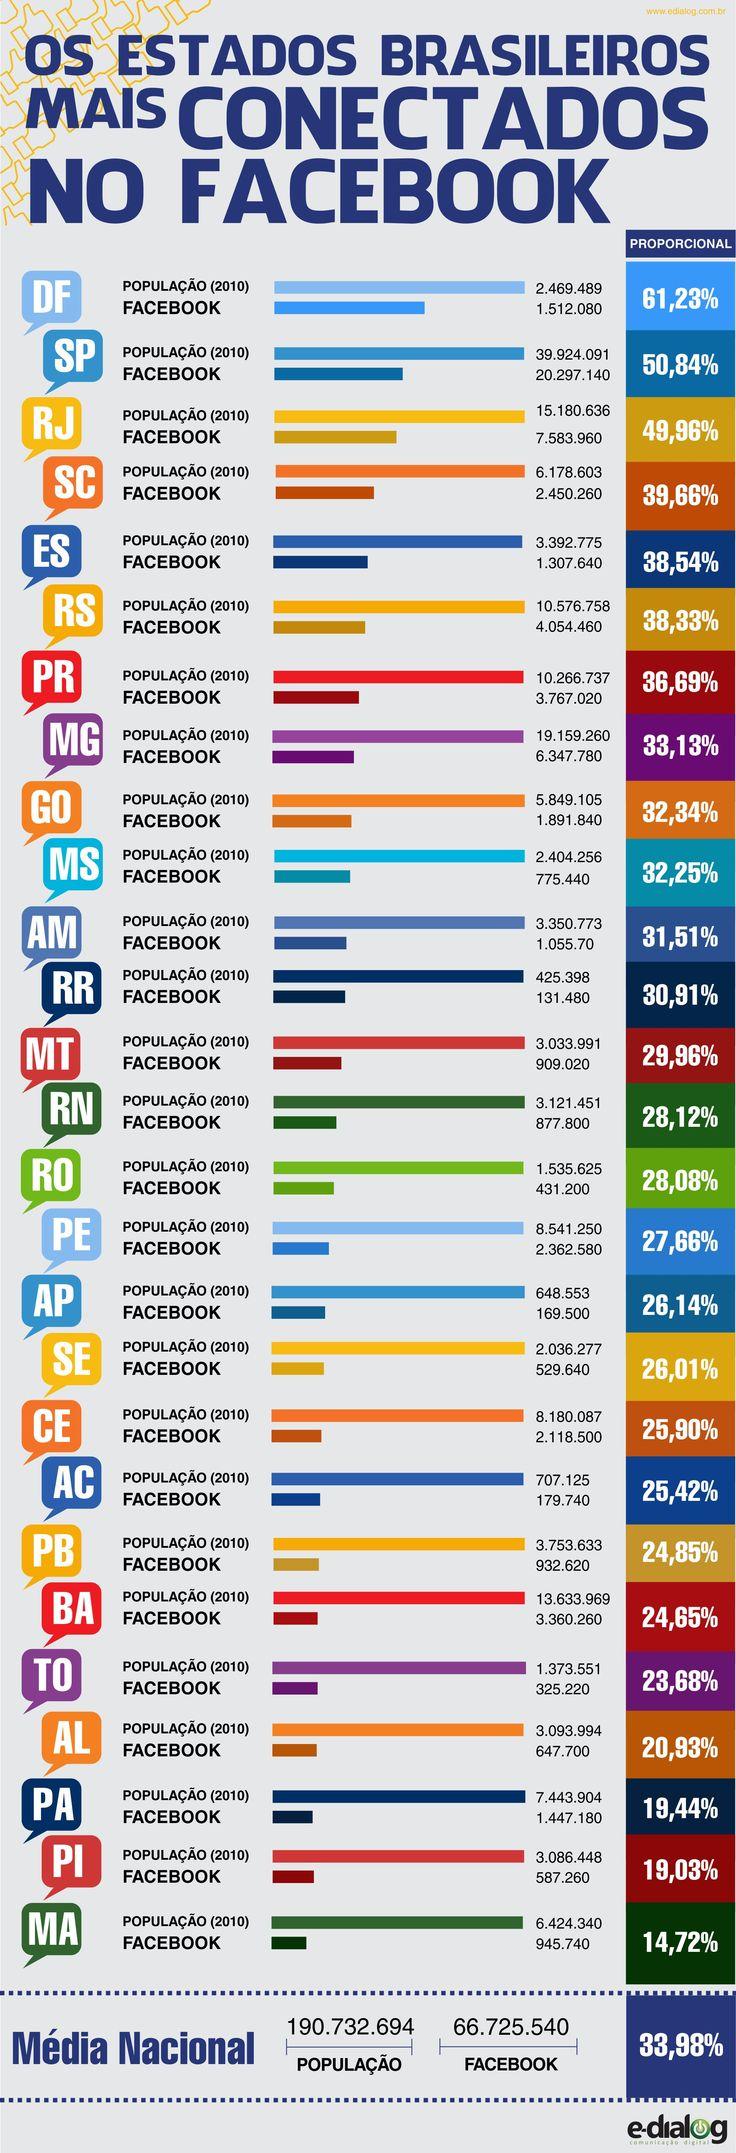 Facebook no Brasil: qual é o estado proporcionalmente mais presente na rede? via @Jefpower